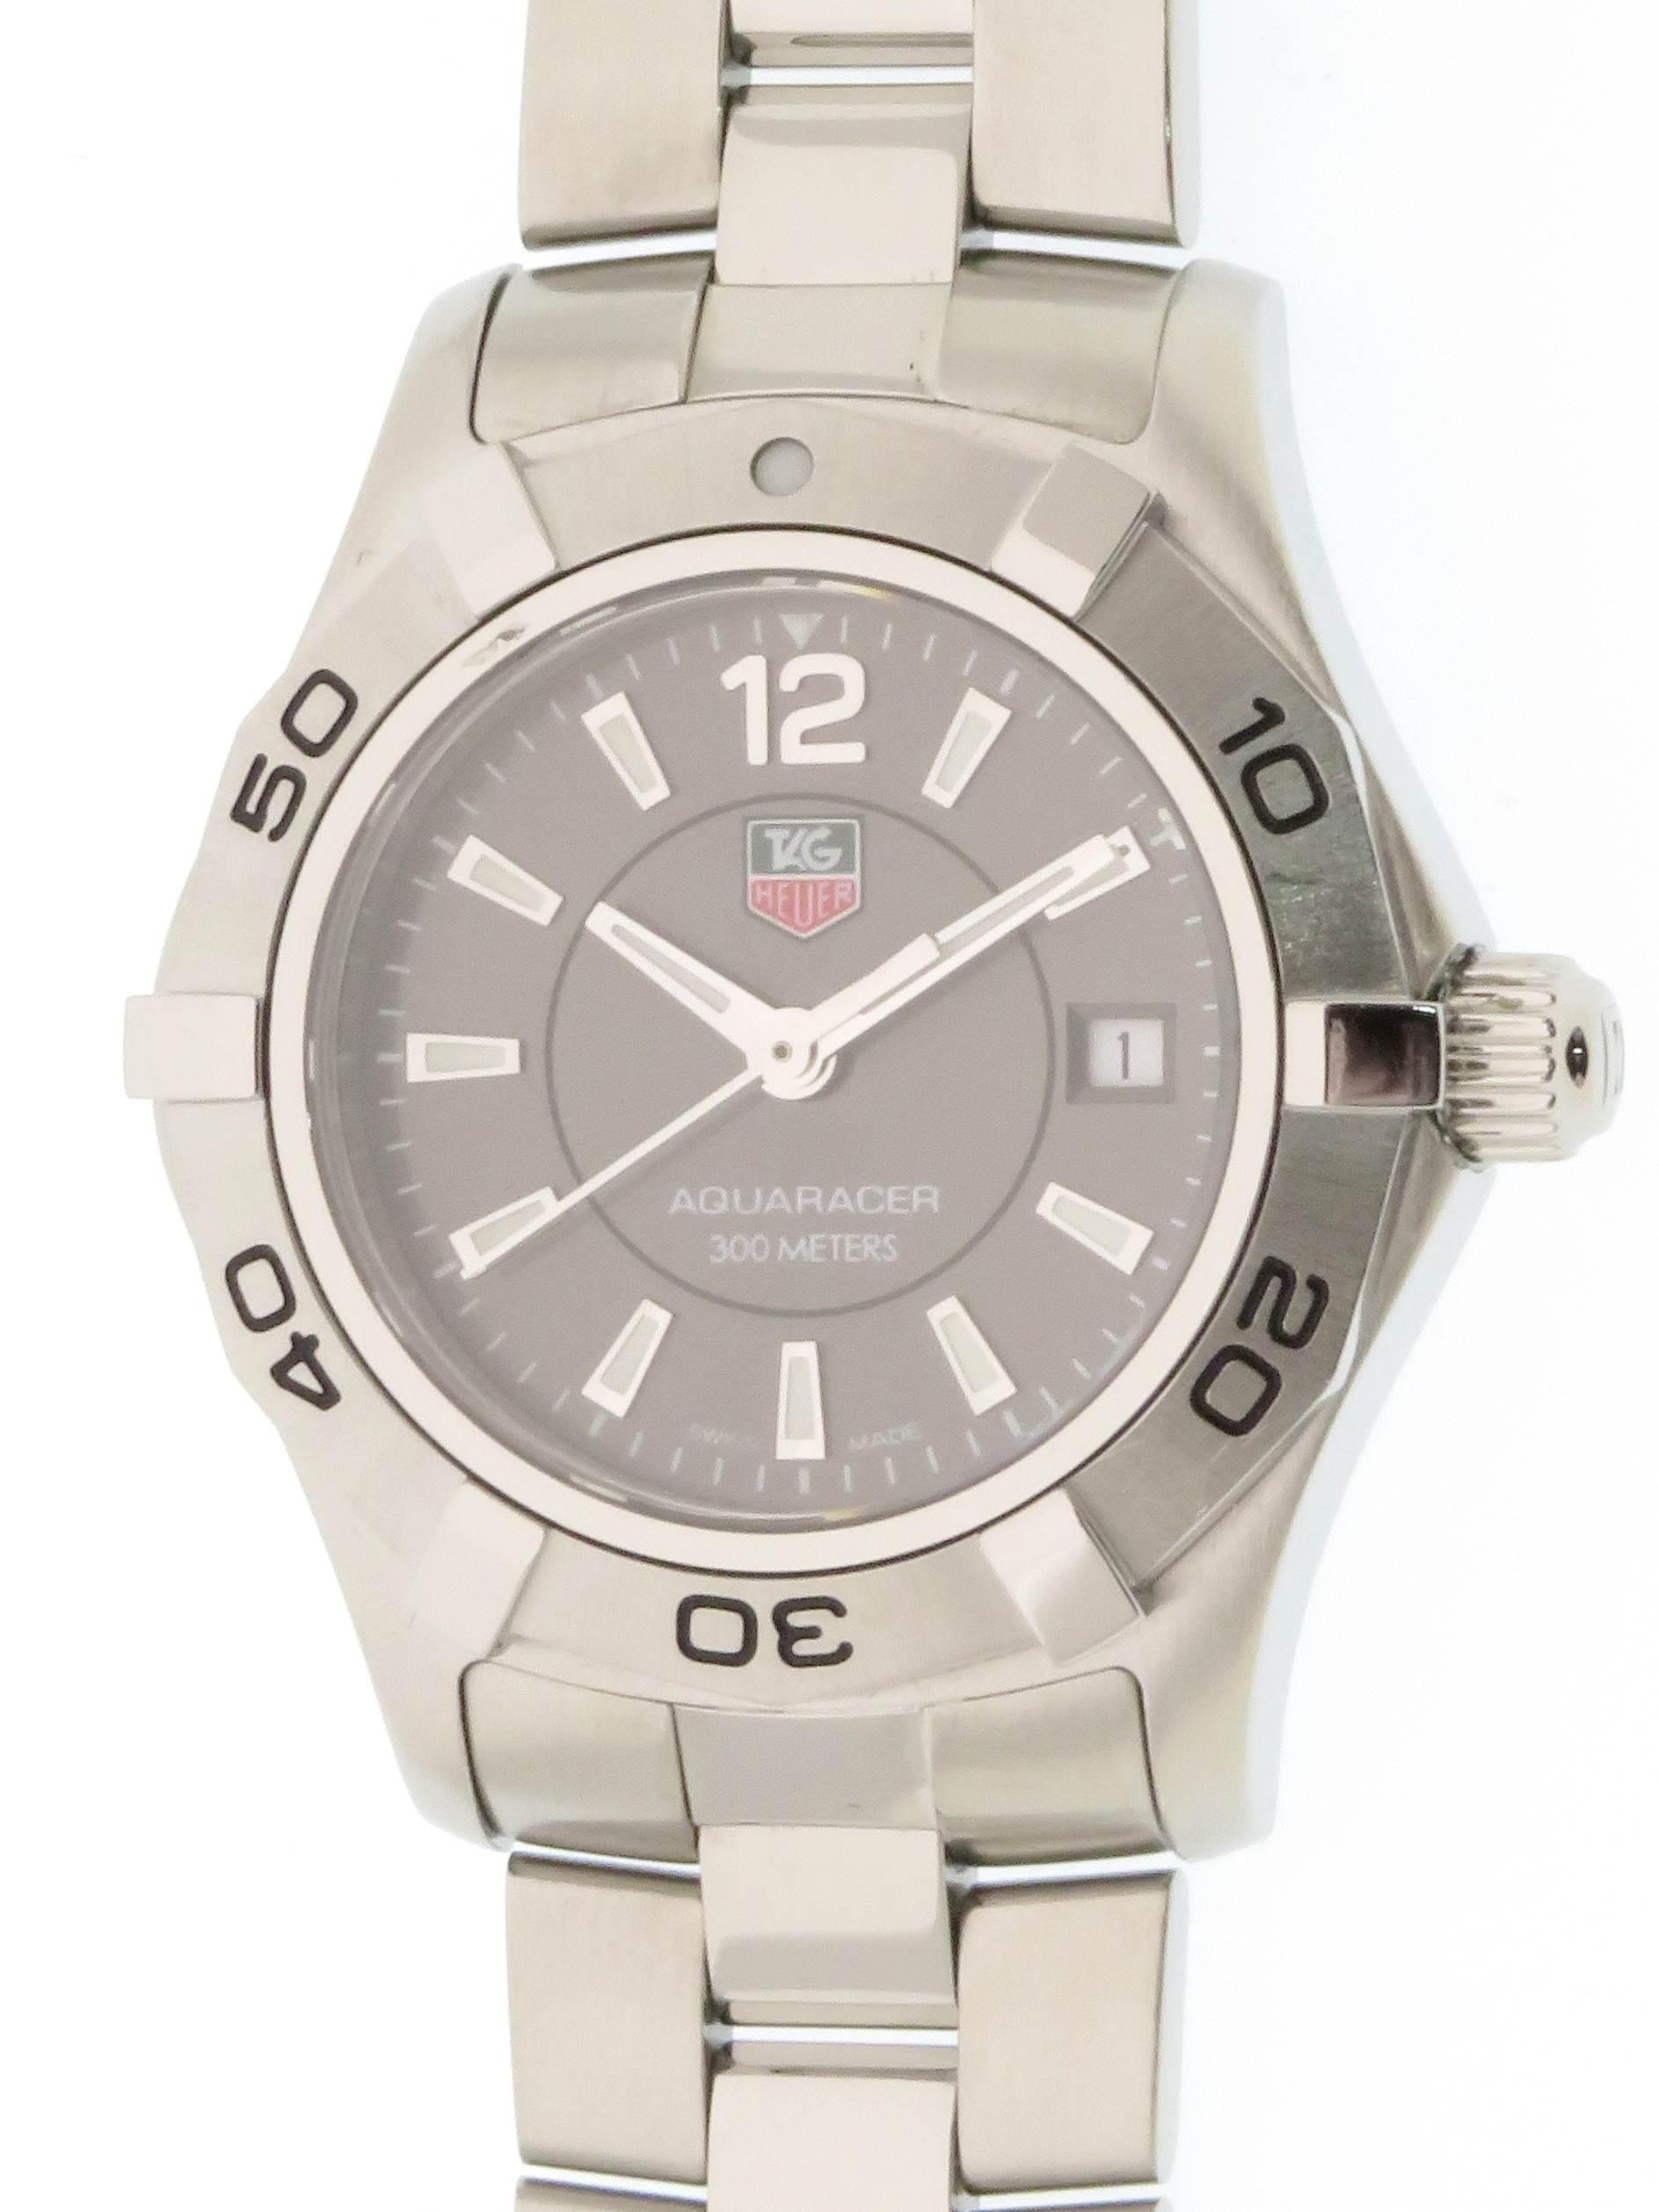 TAG HEUER タグホイヤー アクアレーサー WAF141E ステンレススチール グレー文字盤 クォ―ツ レディース腕時計 【437】